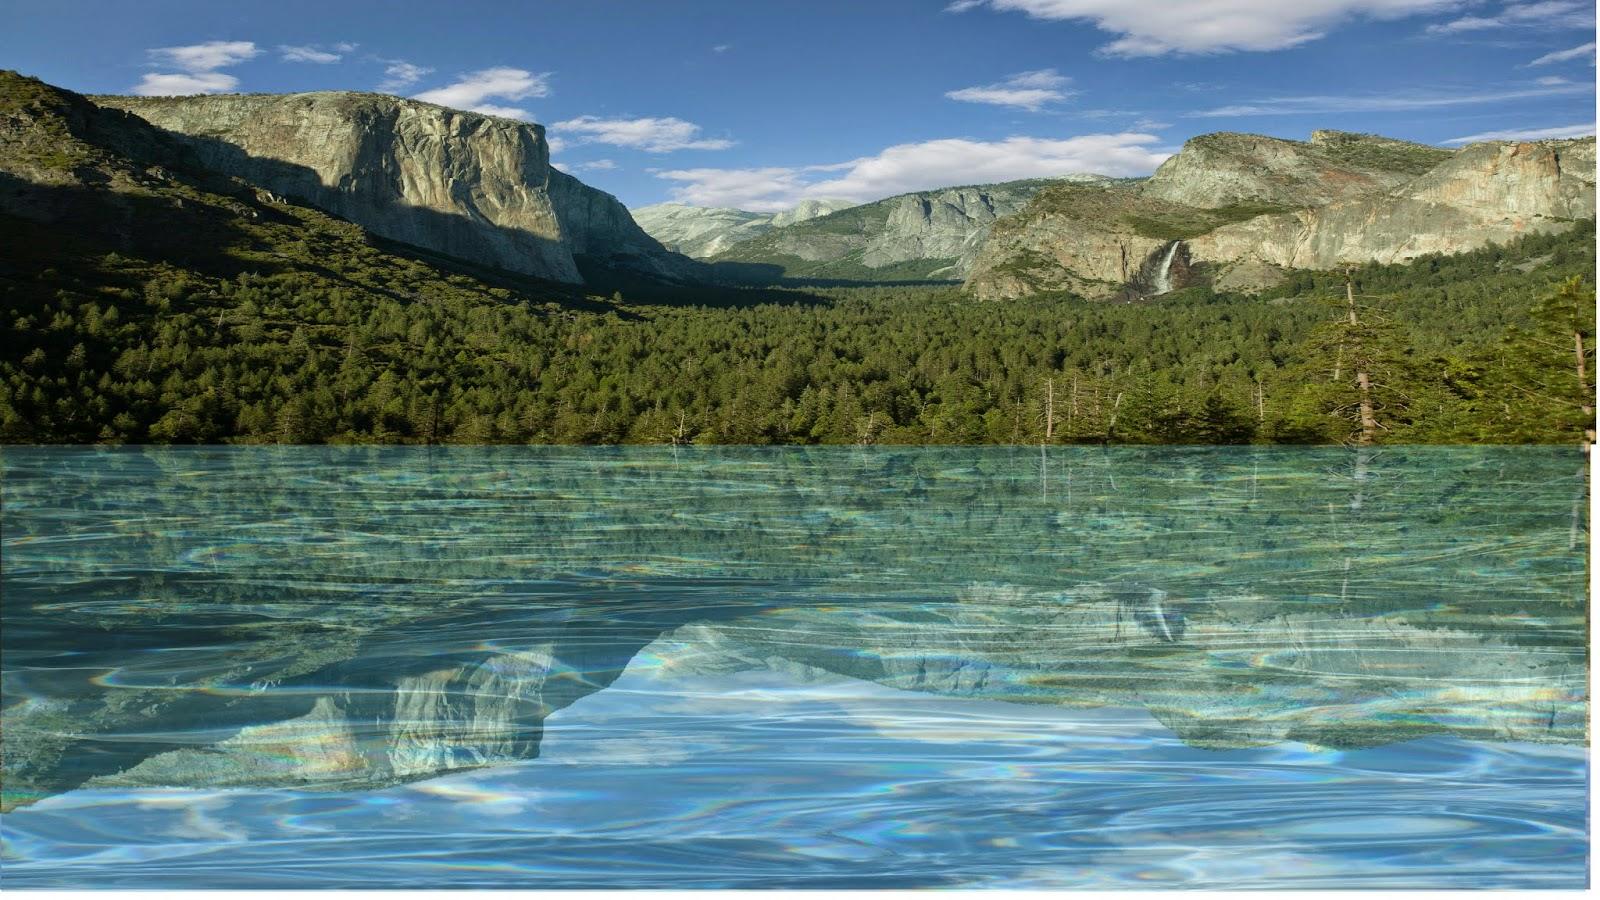 Efeito Reflexo em agua - Pixlr